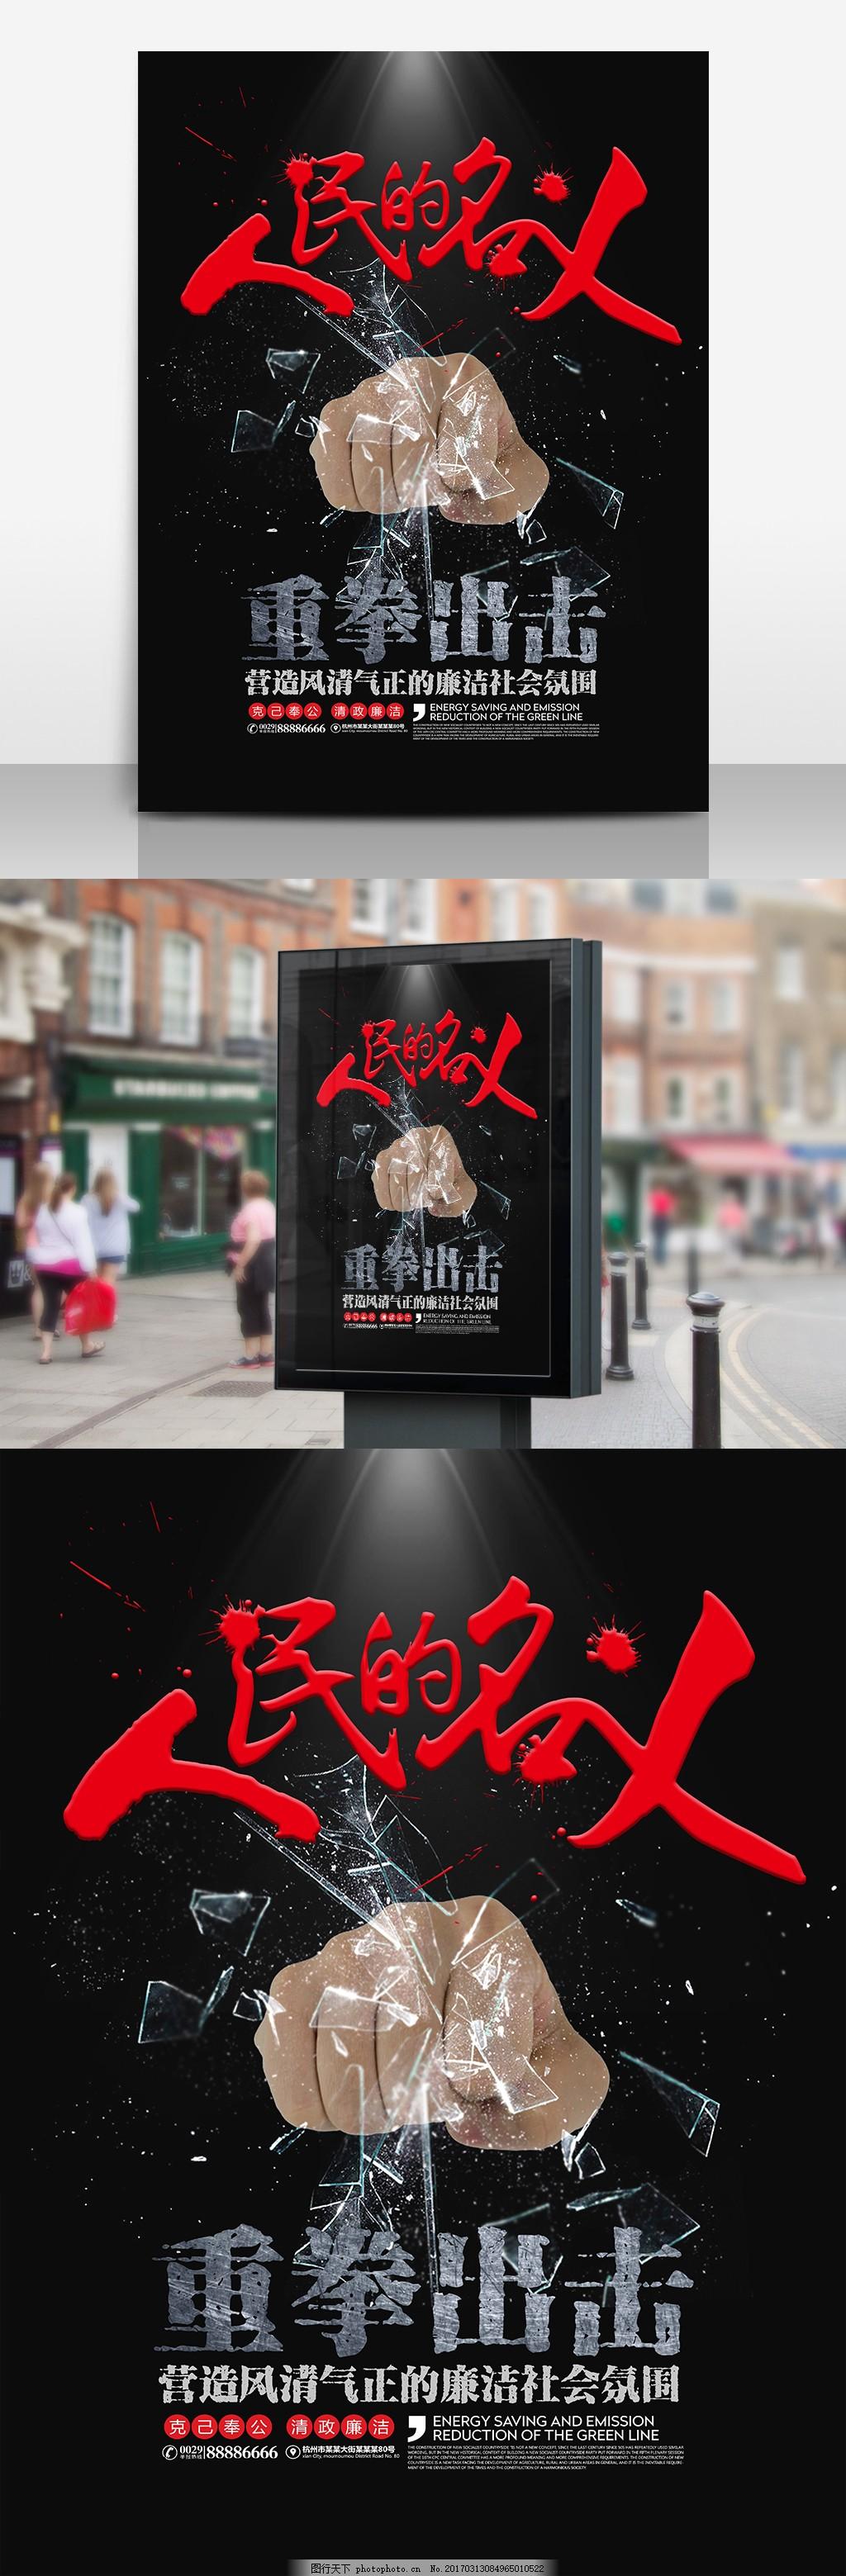 人民的名义反腐倡廉宣传海报 重拳出击 拳头 震裂玻璃 清正廉明